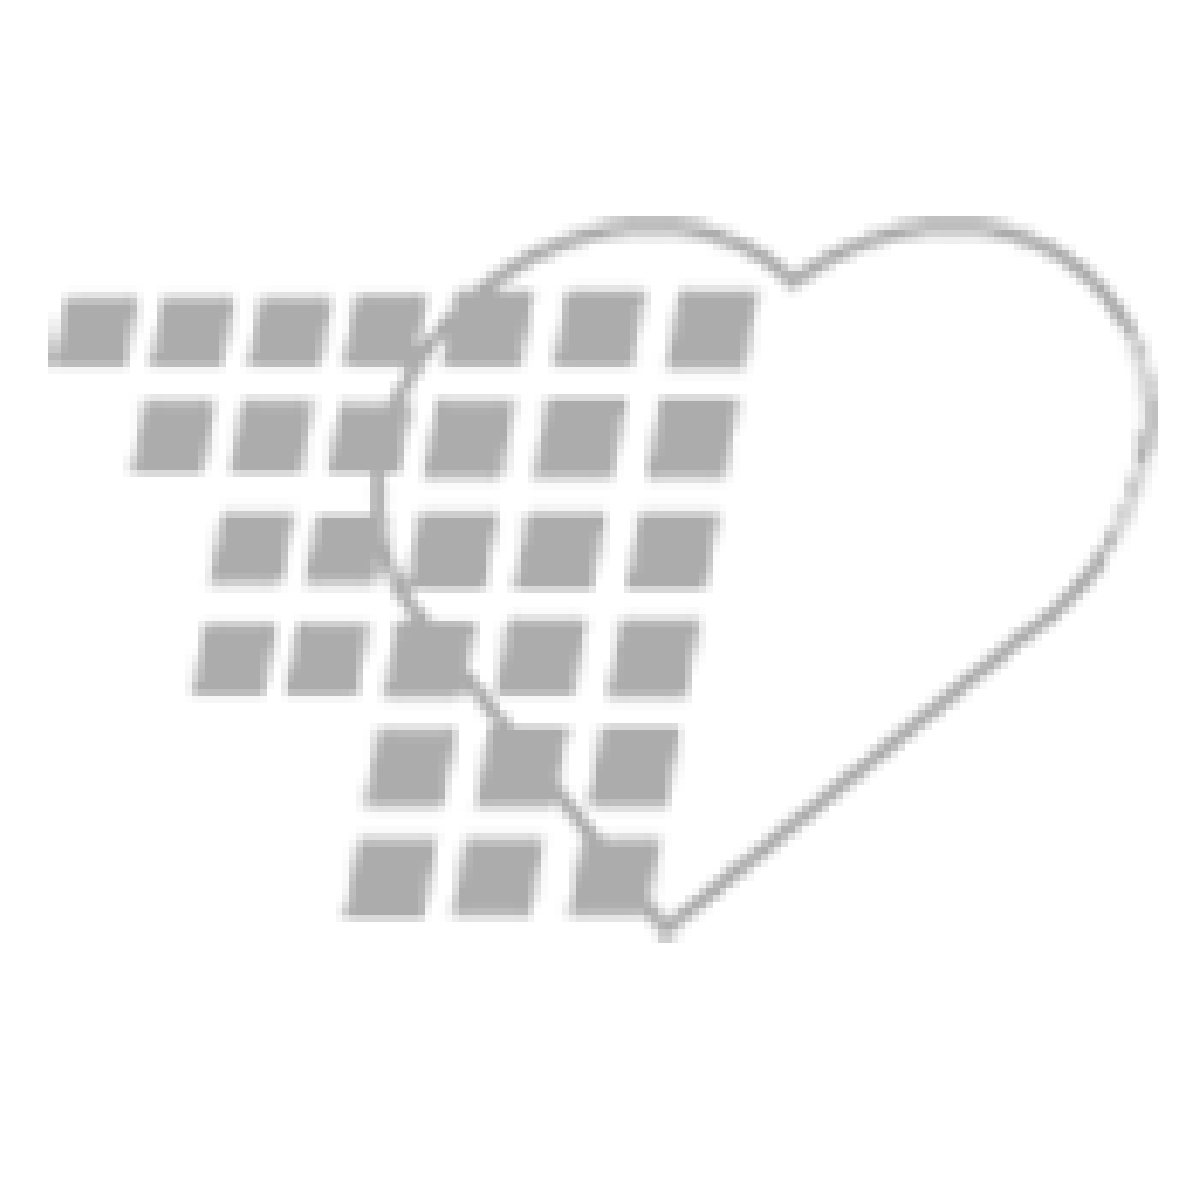 06-54-8106 Arterial Catheter Tray